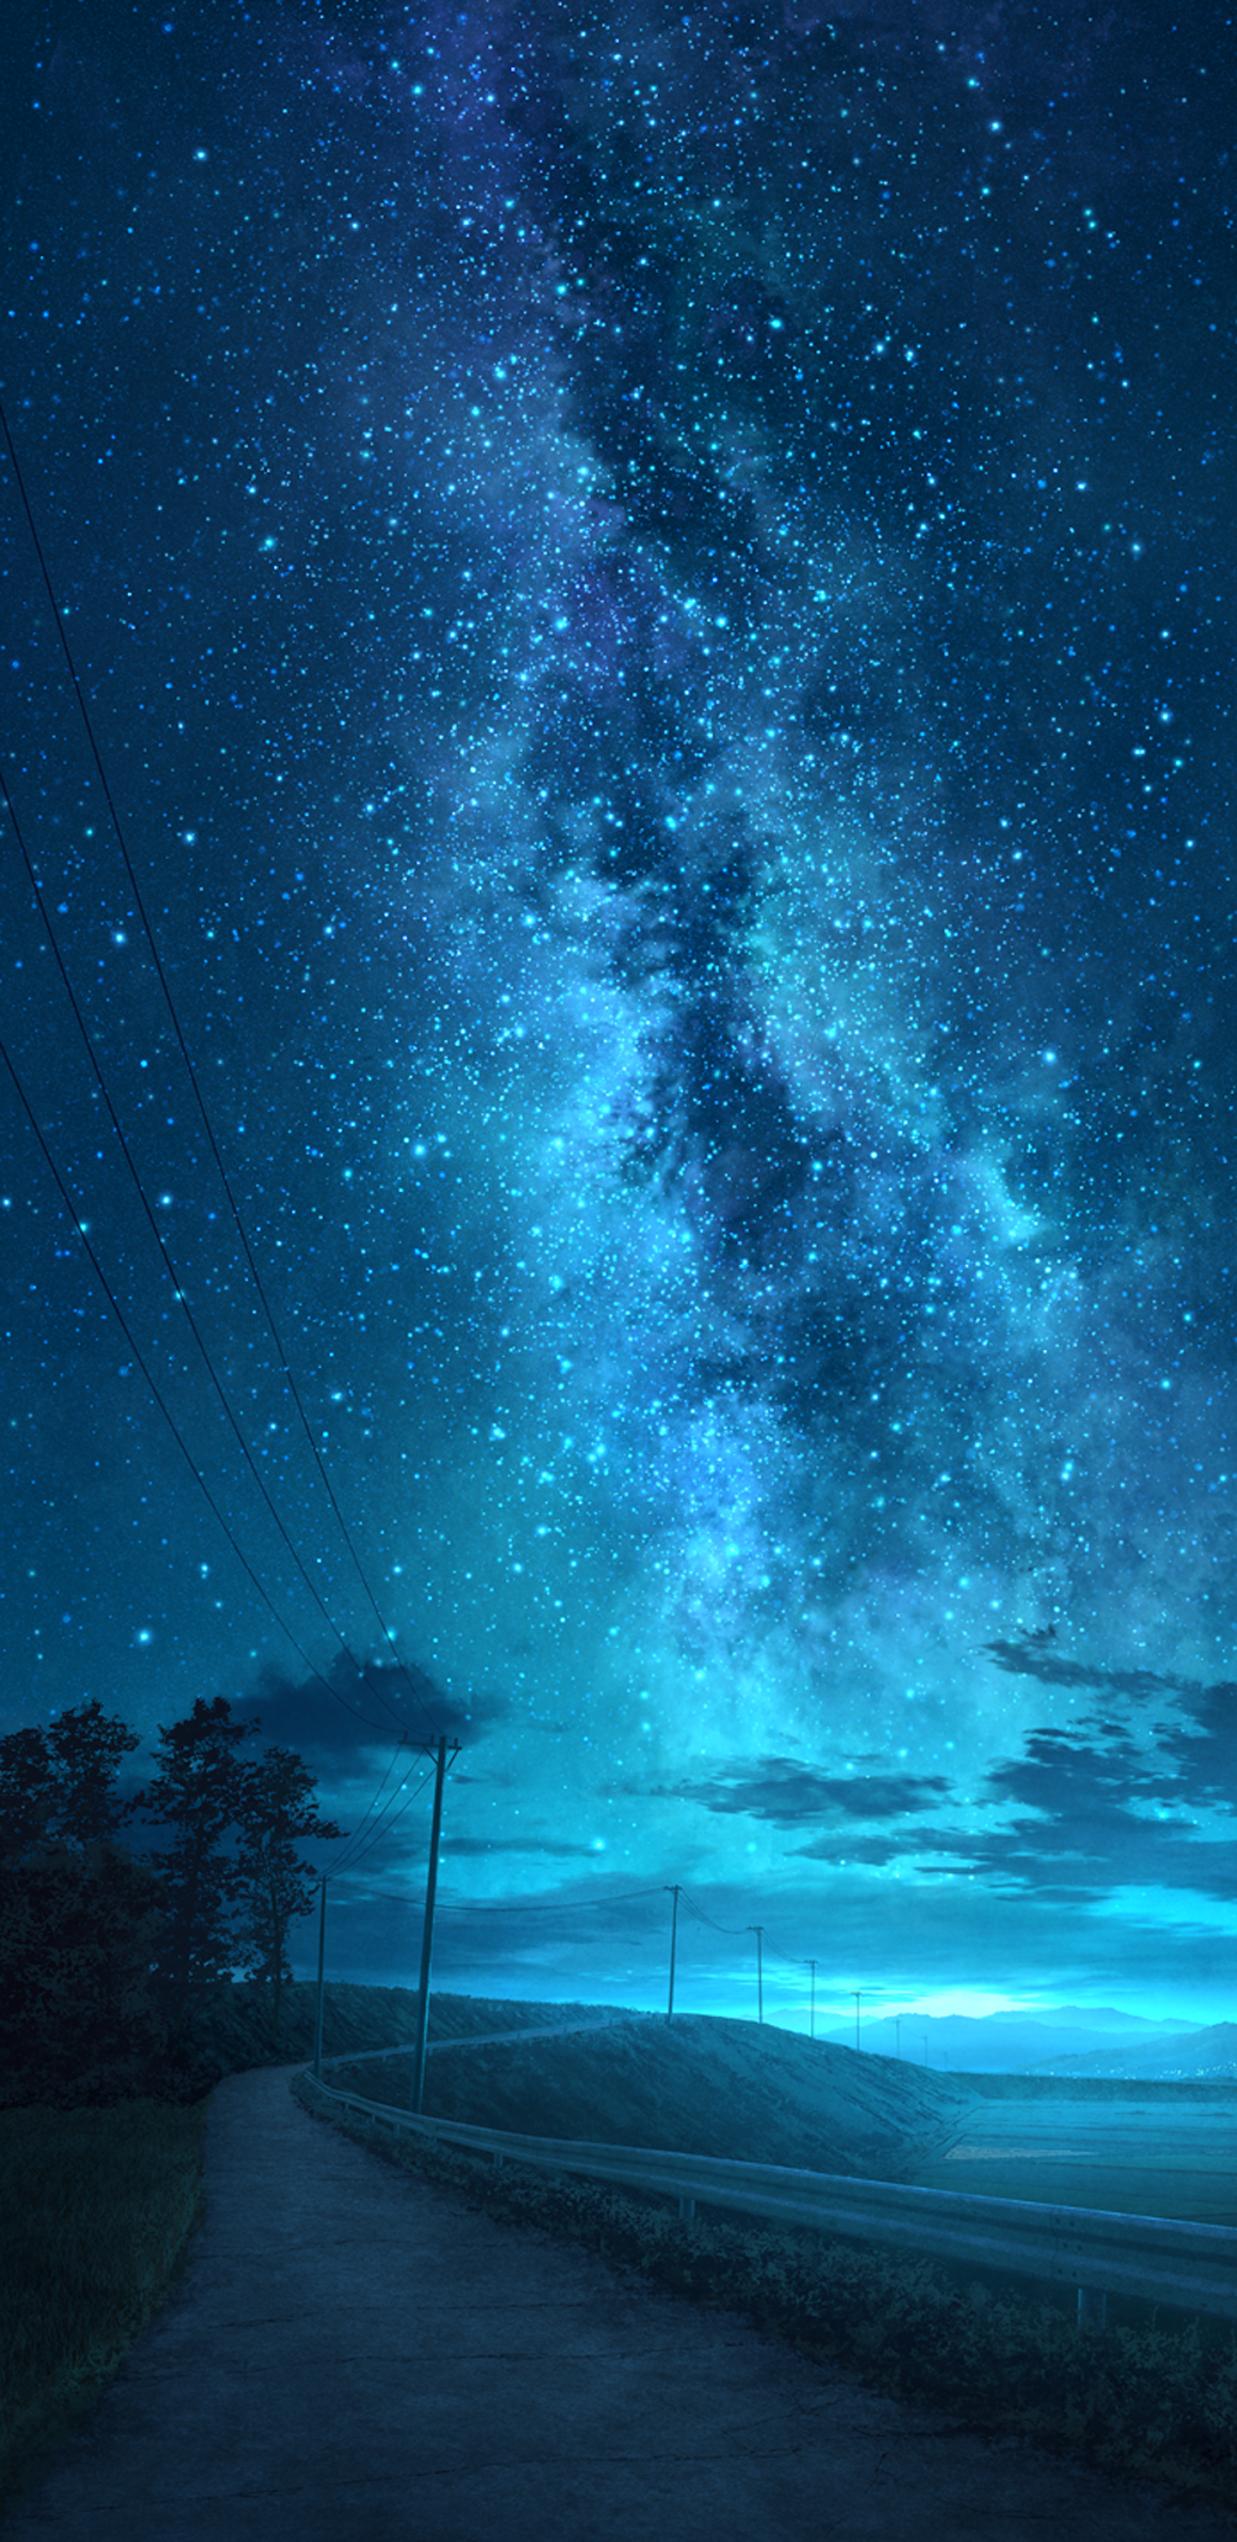 Phong cảnh bầu trời sao đẹp tuyệt vời